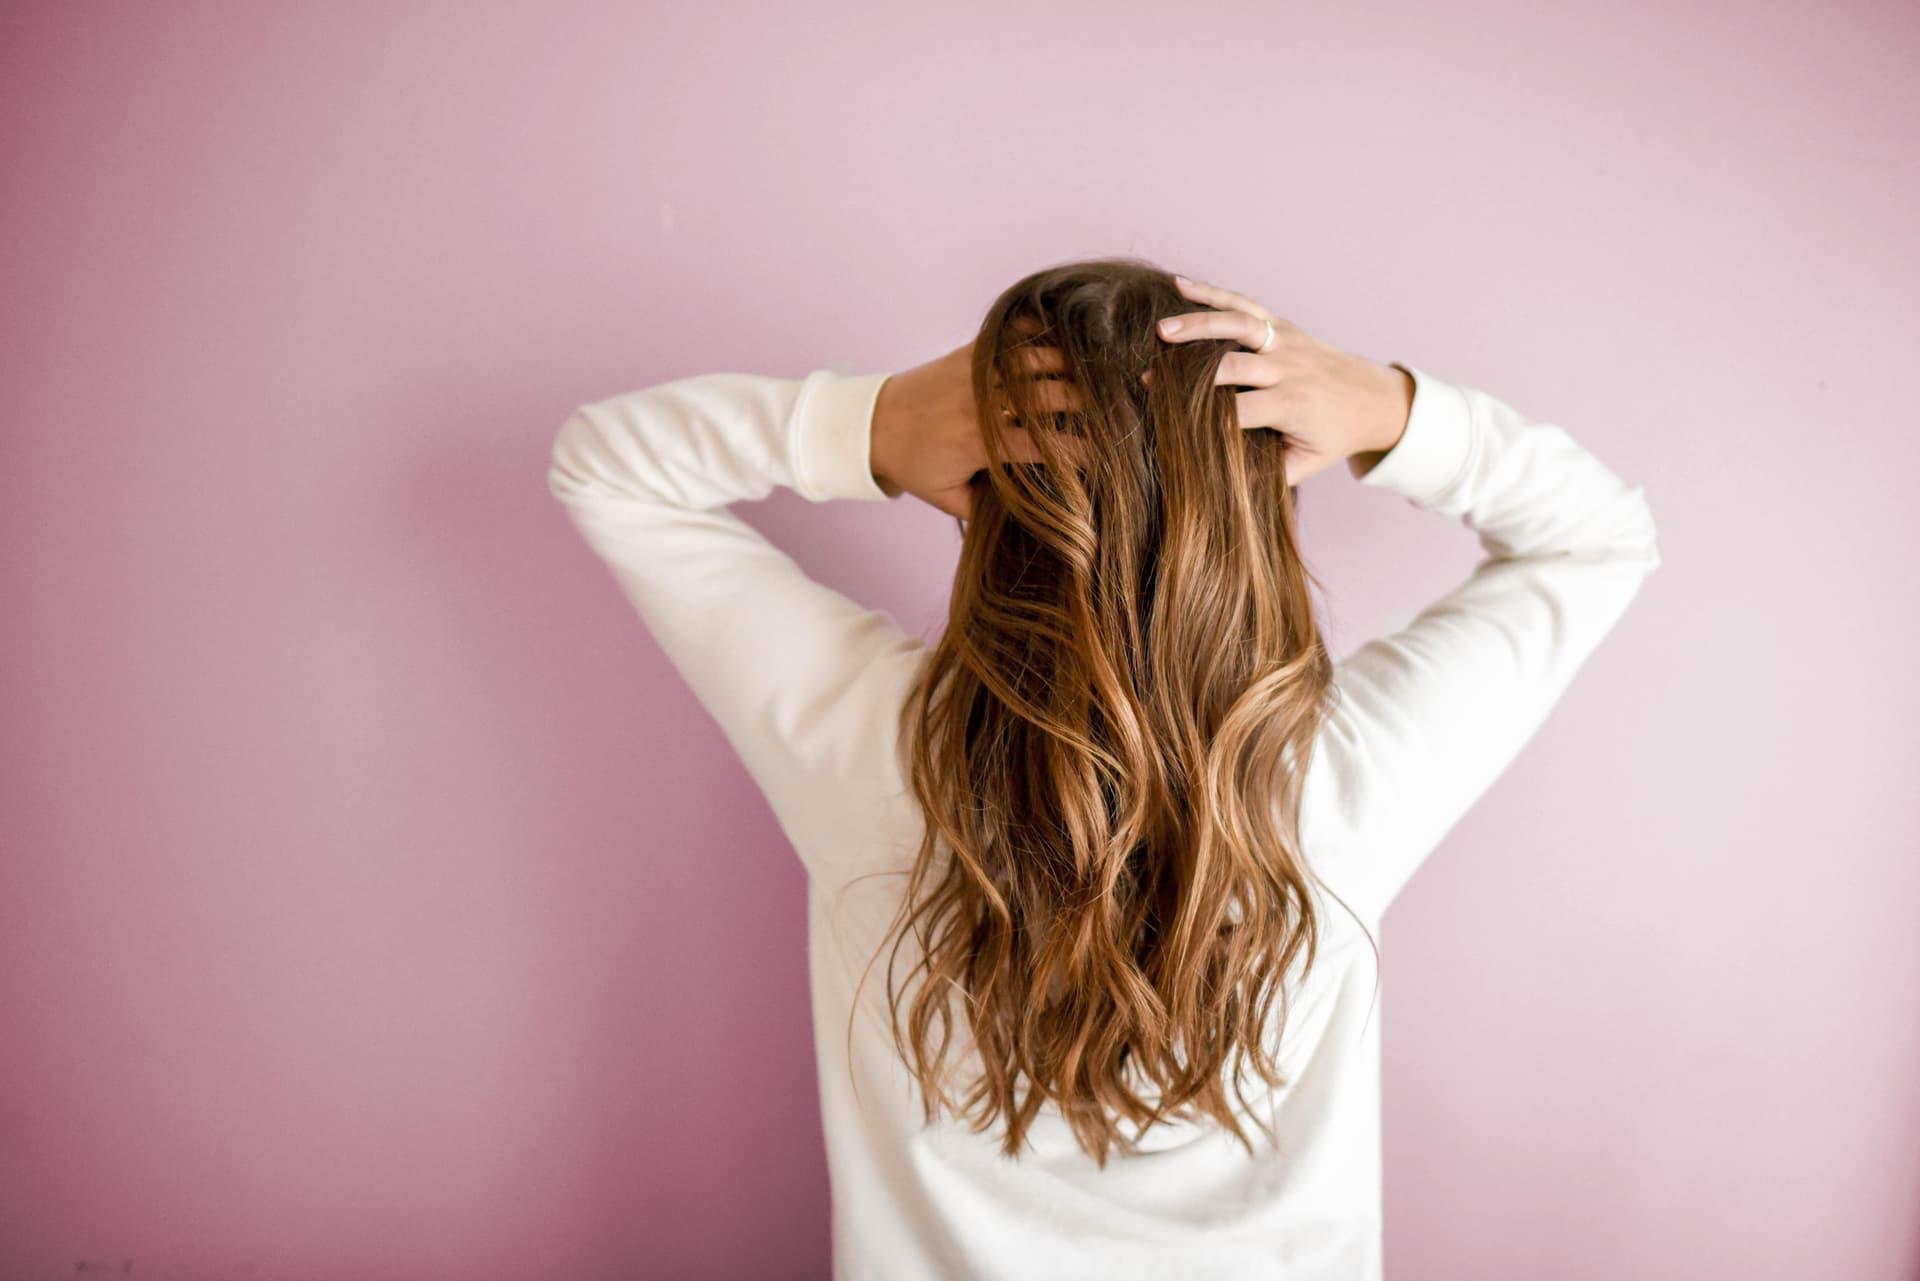 Frau mit Langen Haaren, fotografiert von hinten